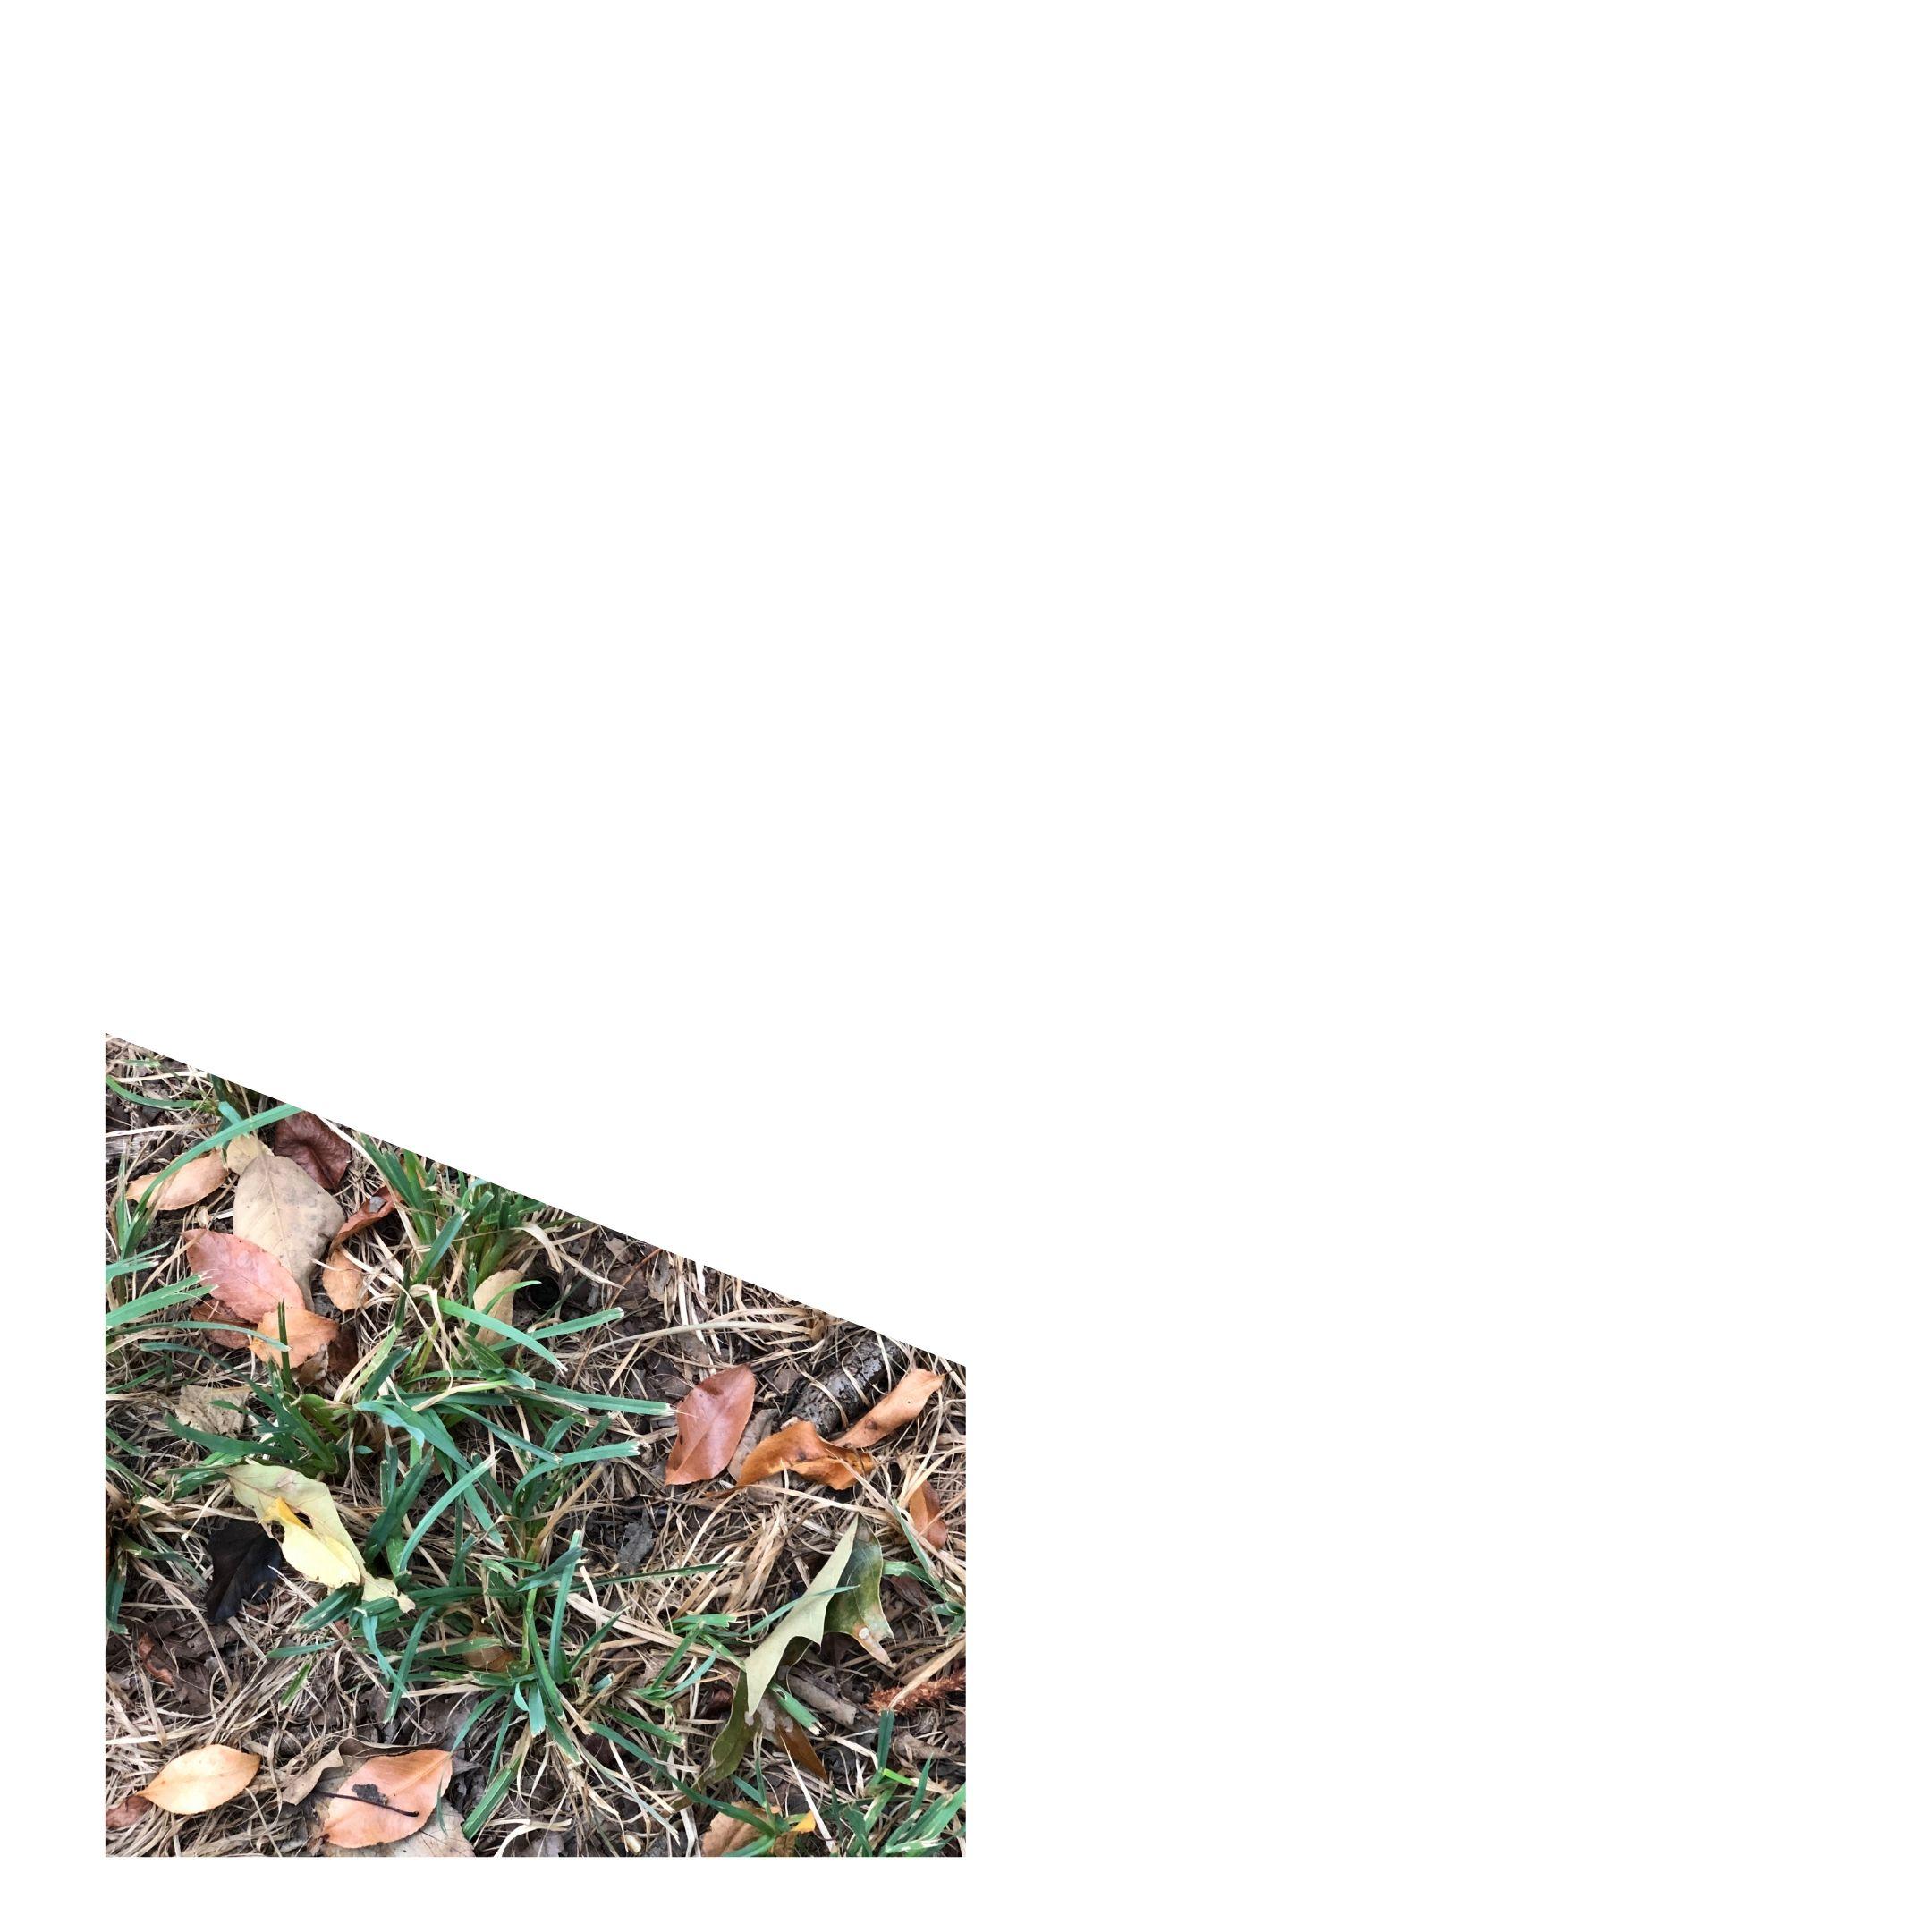 fallen leaves in spotty rye grass